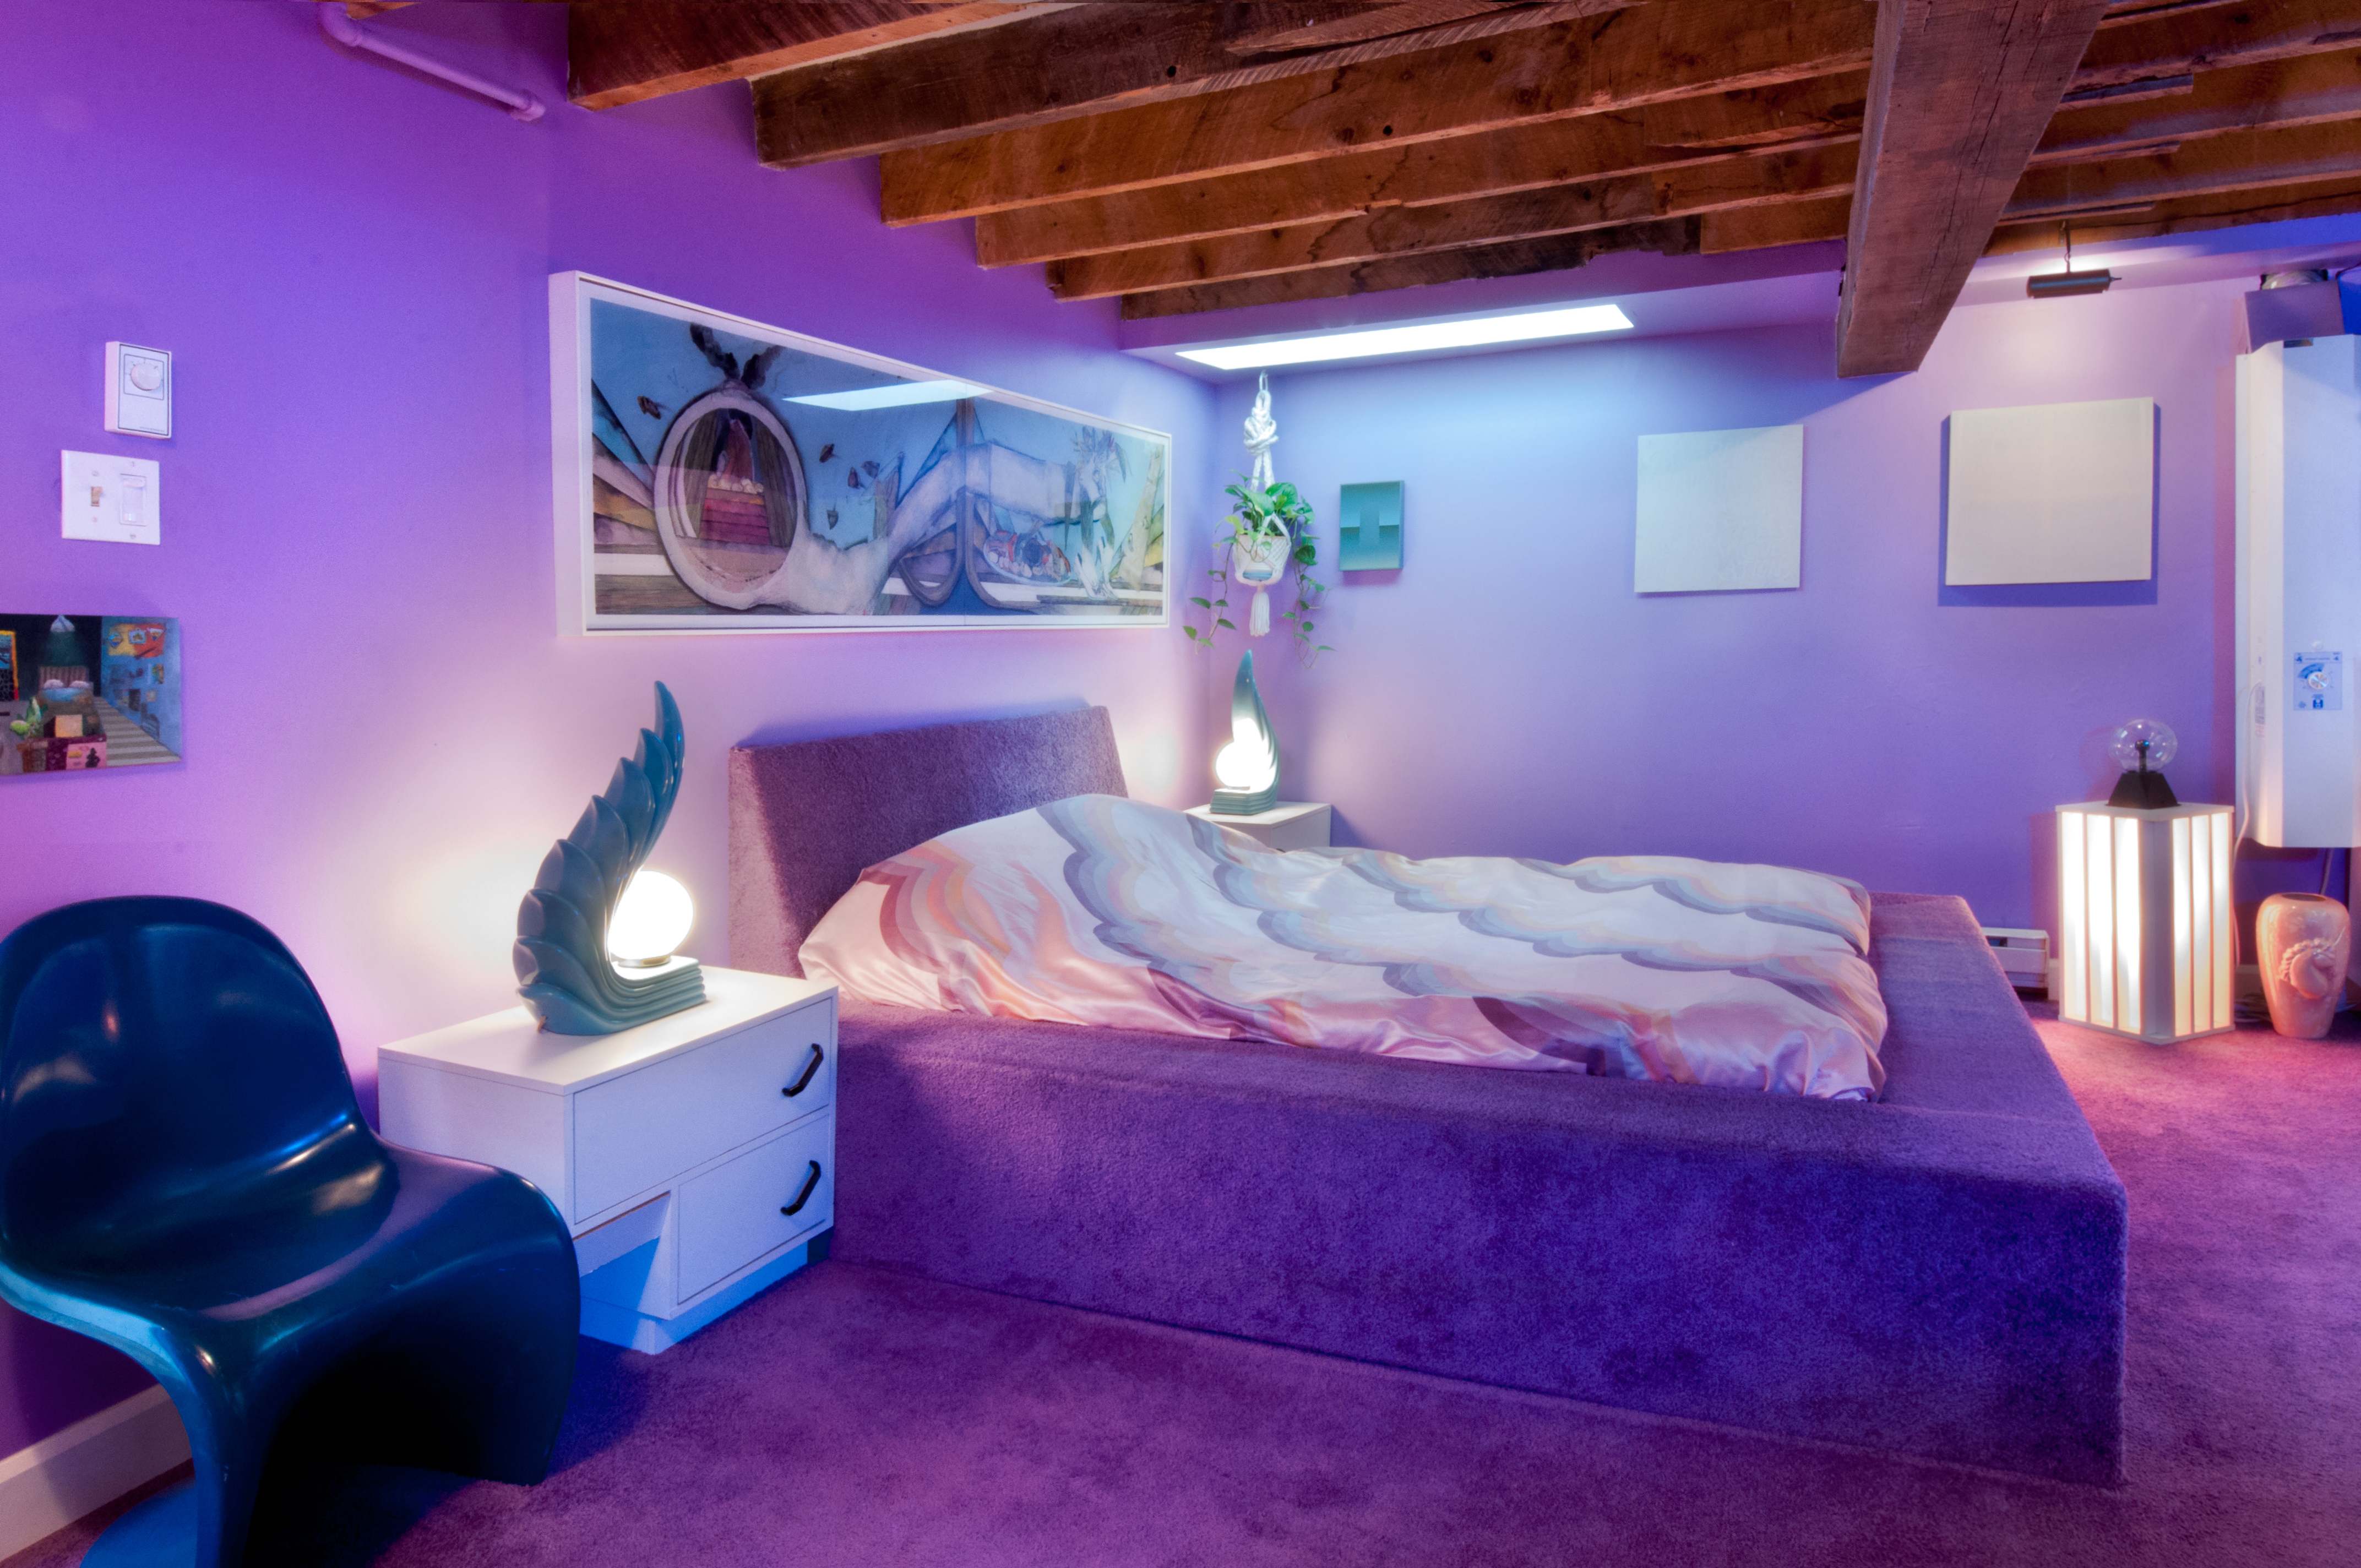 80s retro room ideas  bedroom aesthetic